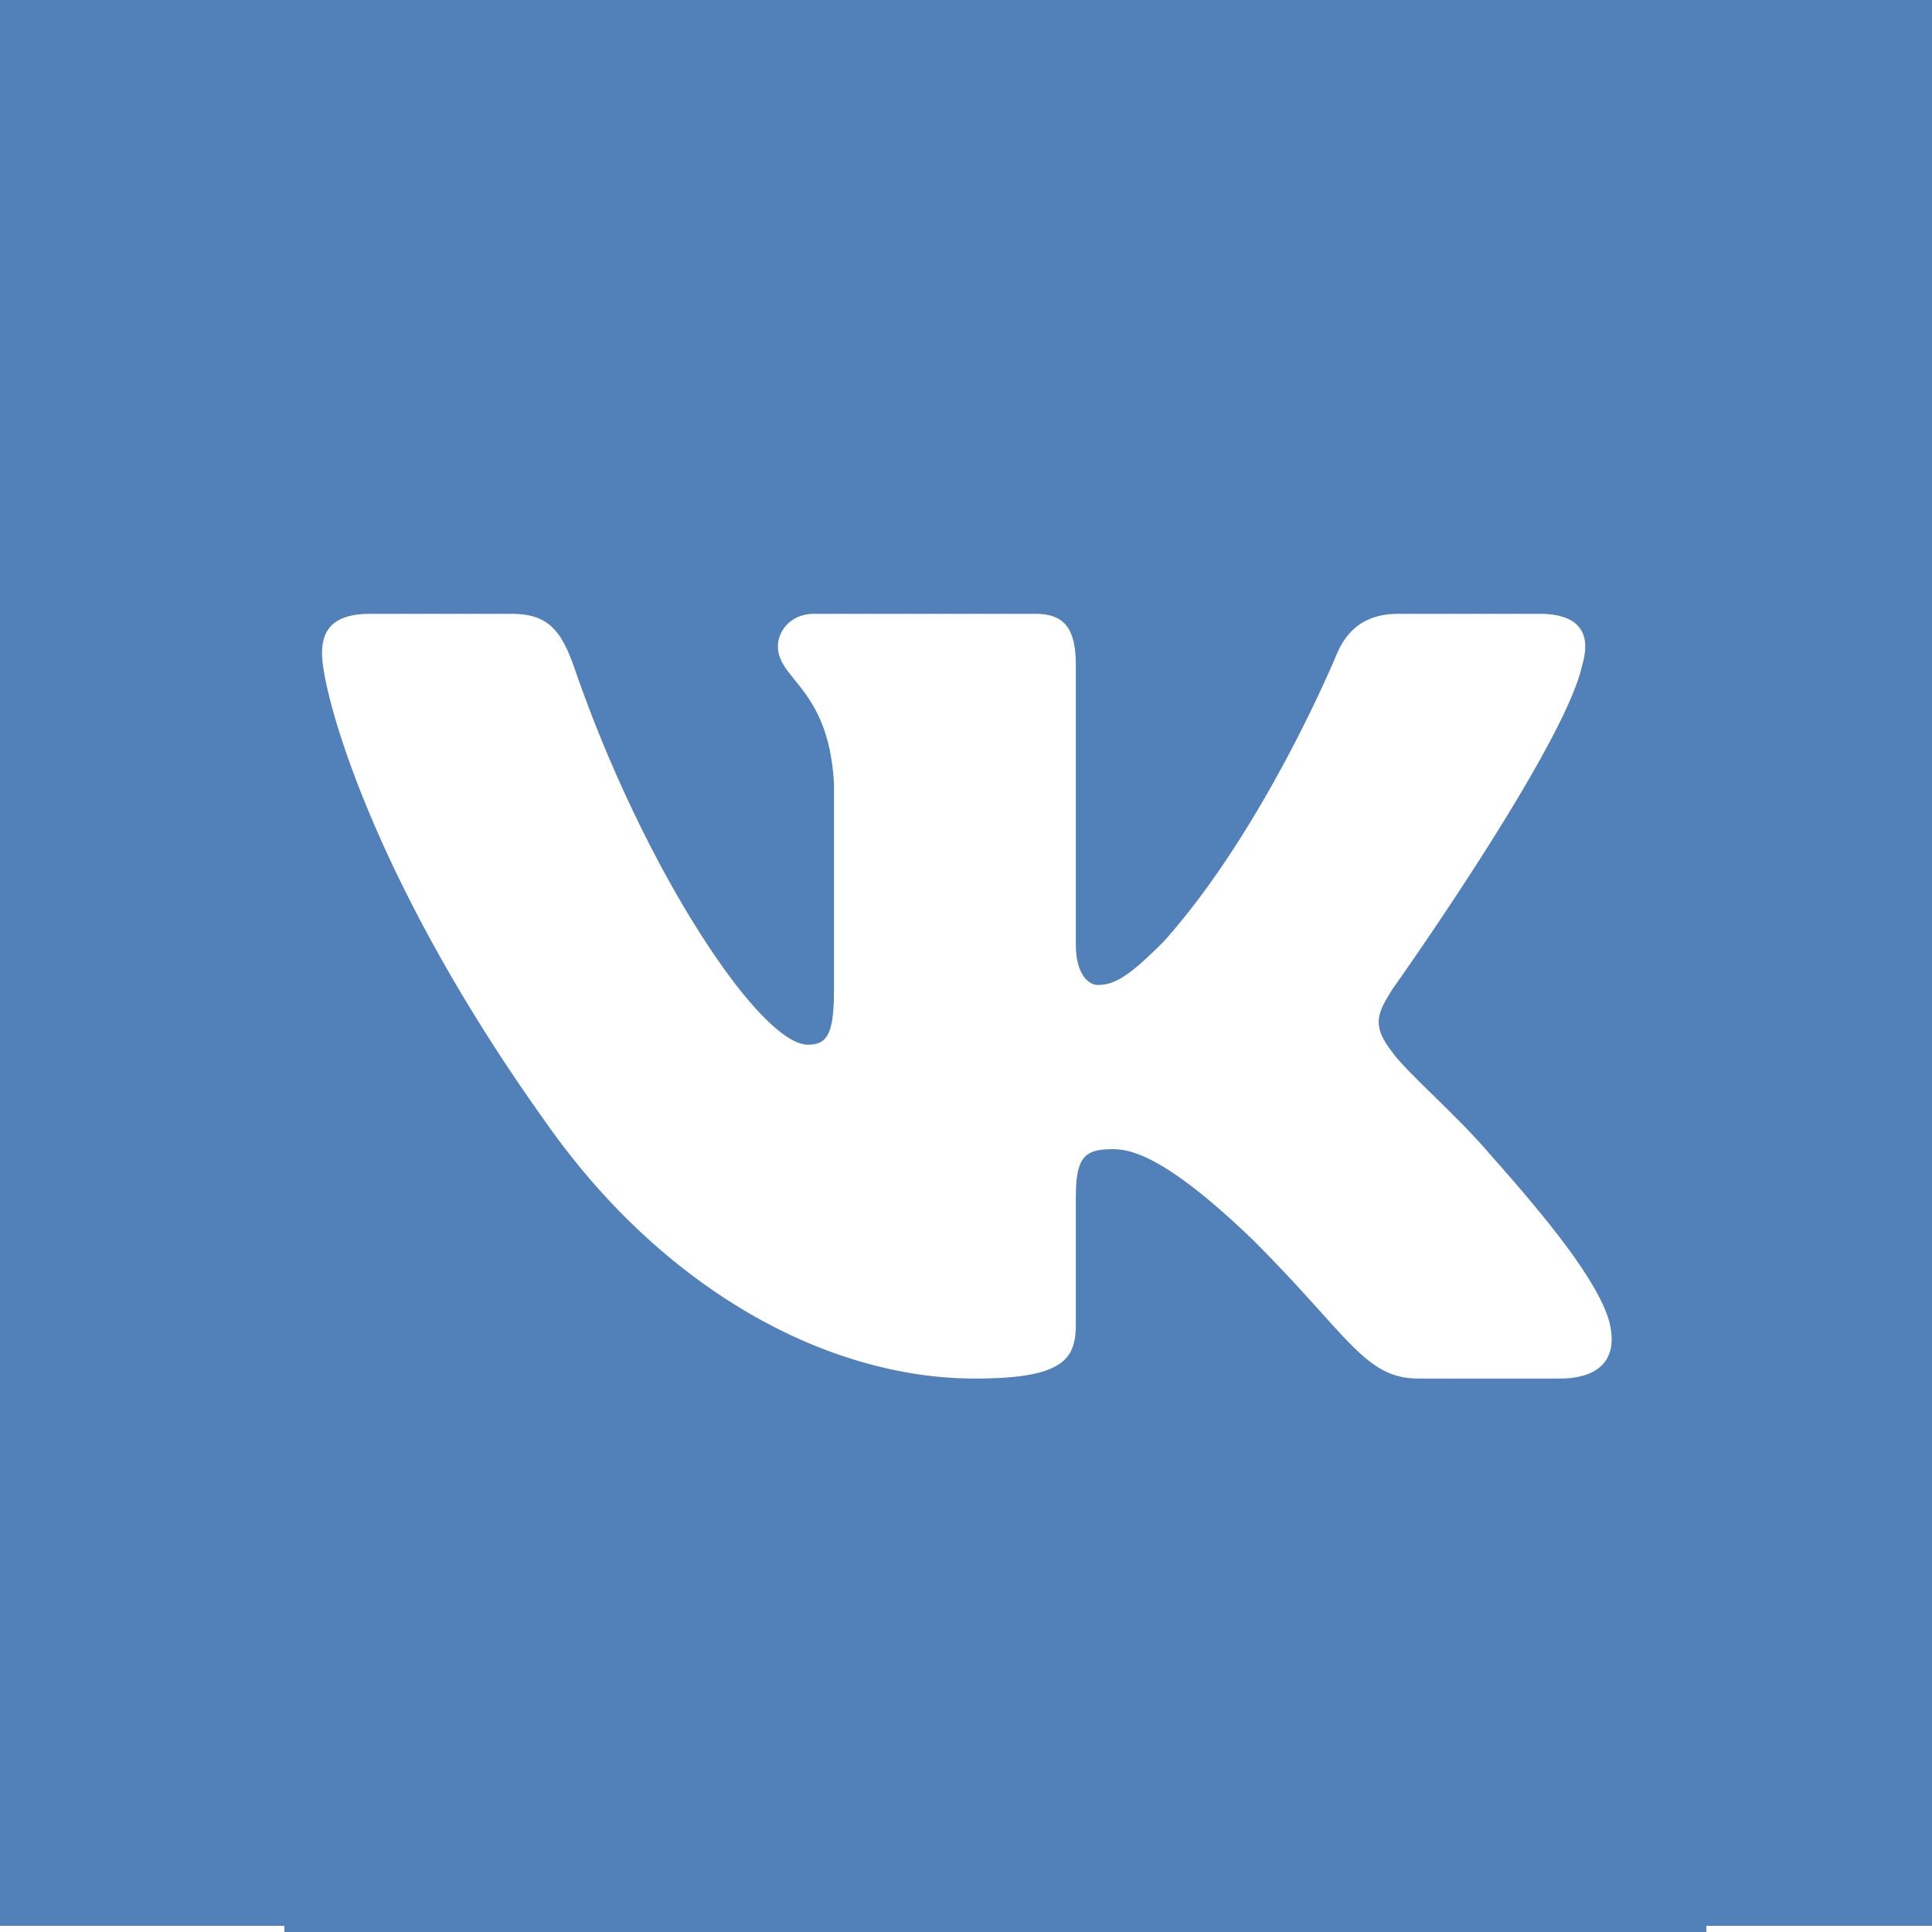 share on vk